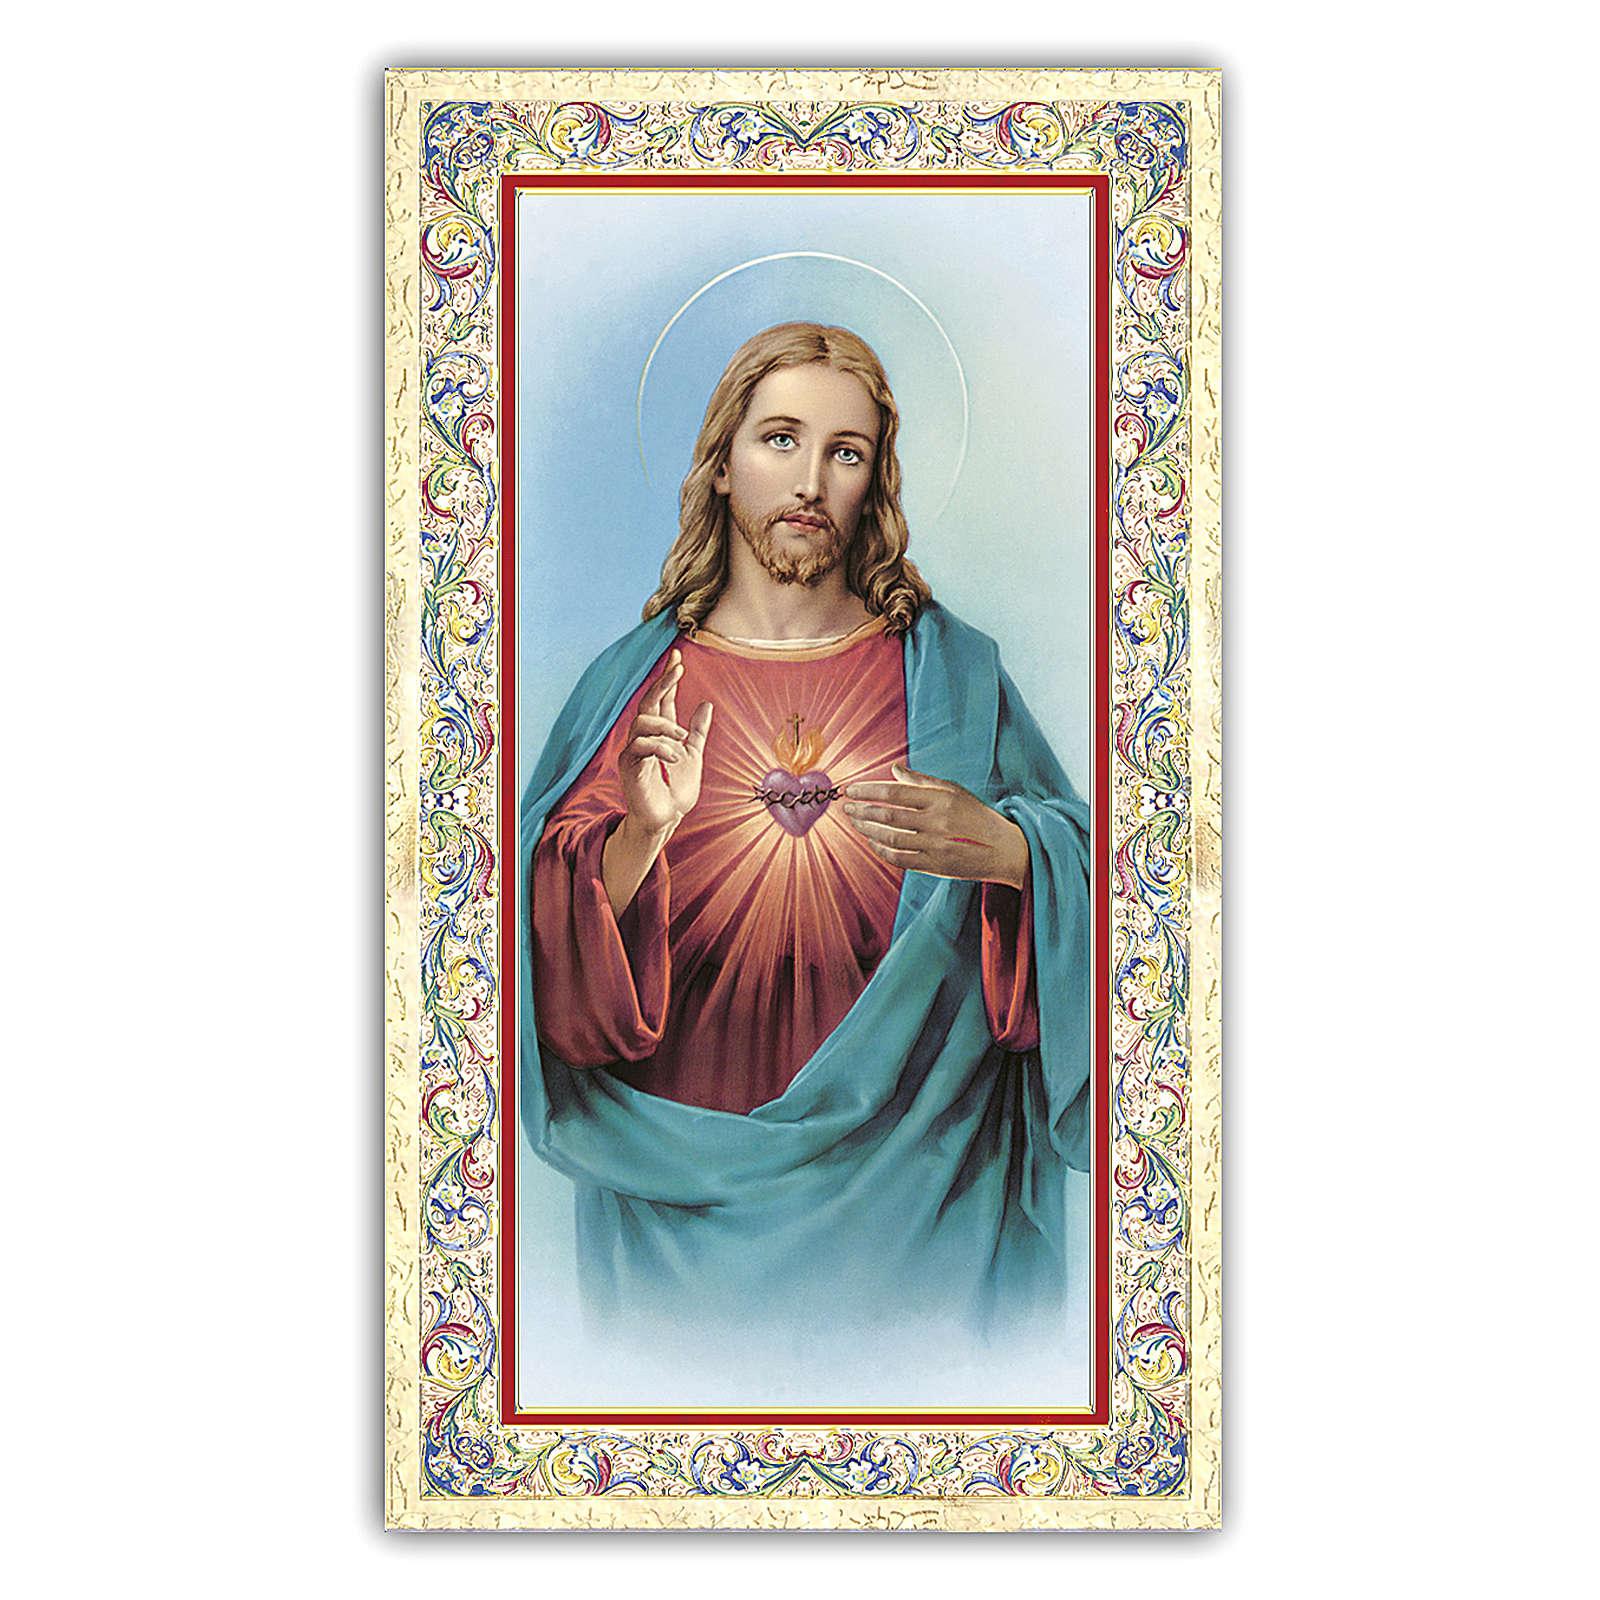 Estampa religiosa Sagrado Corazón de Jesús 10x5 cm oración ITA 4